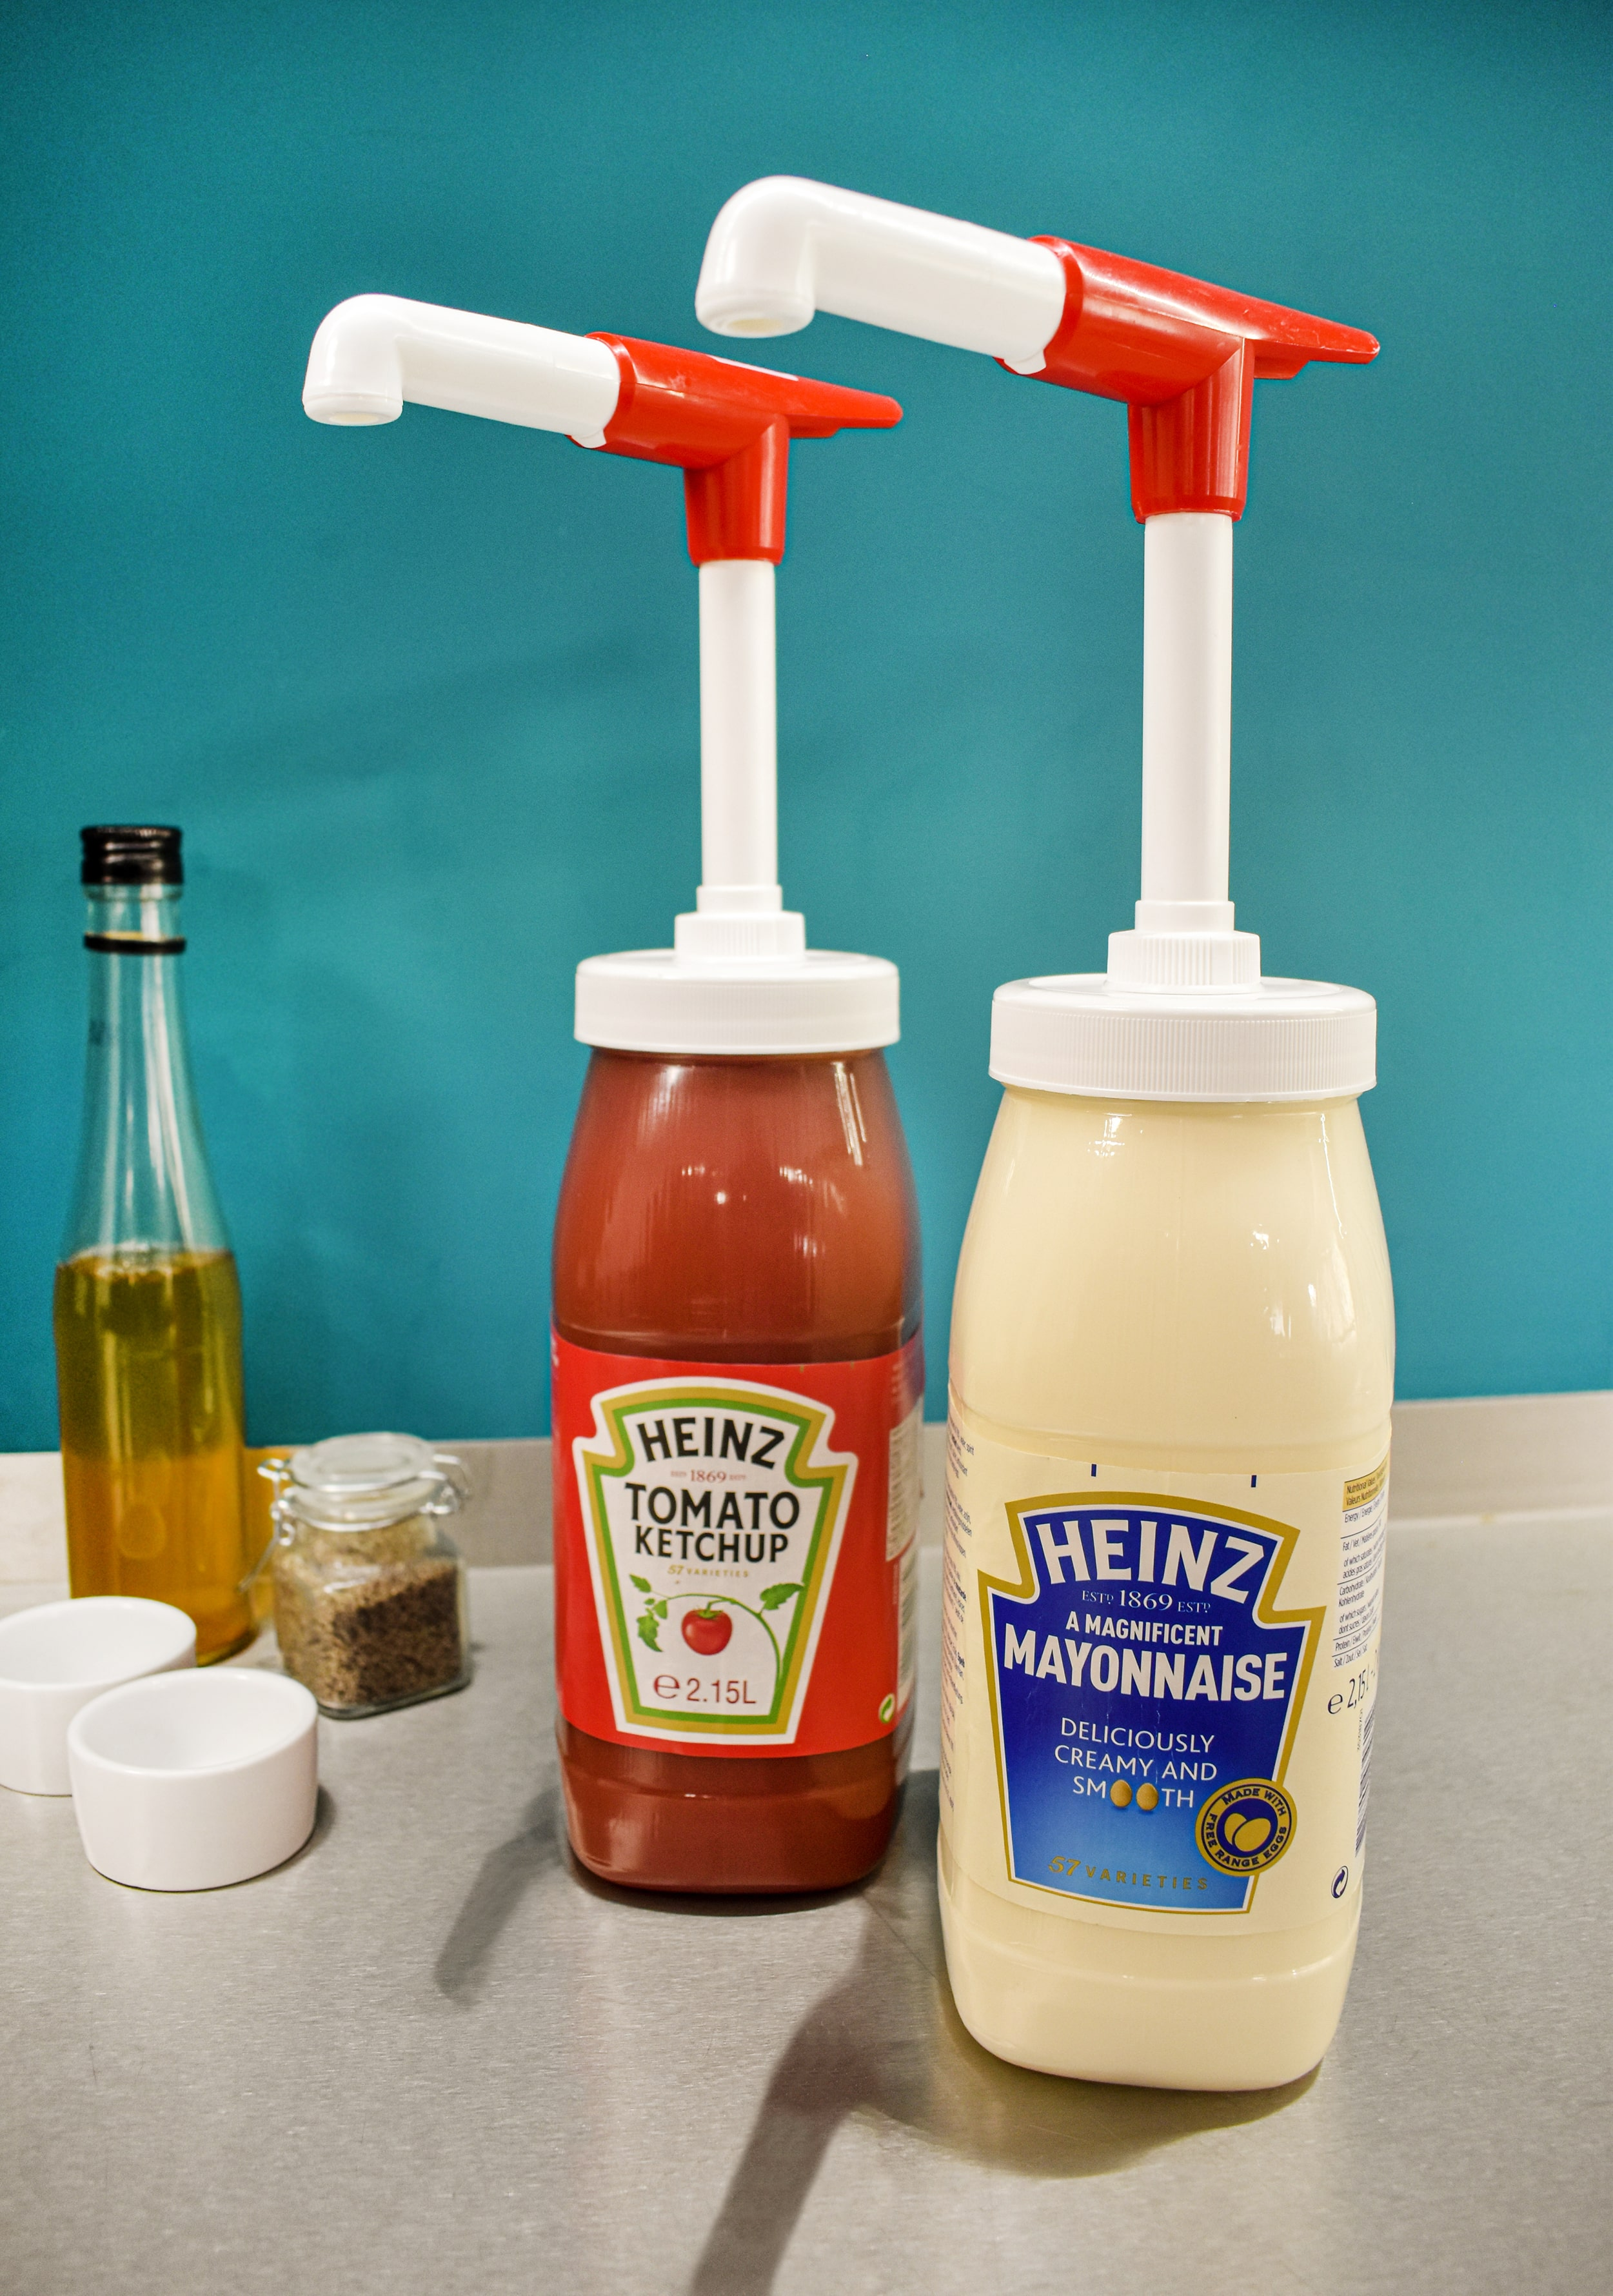 Heinz dispenser 2.15L